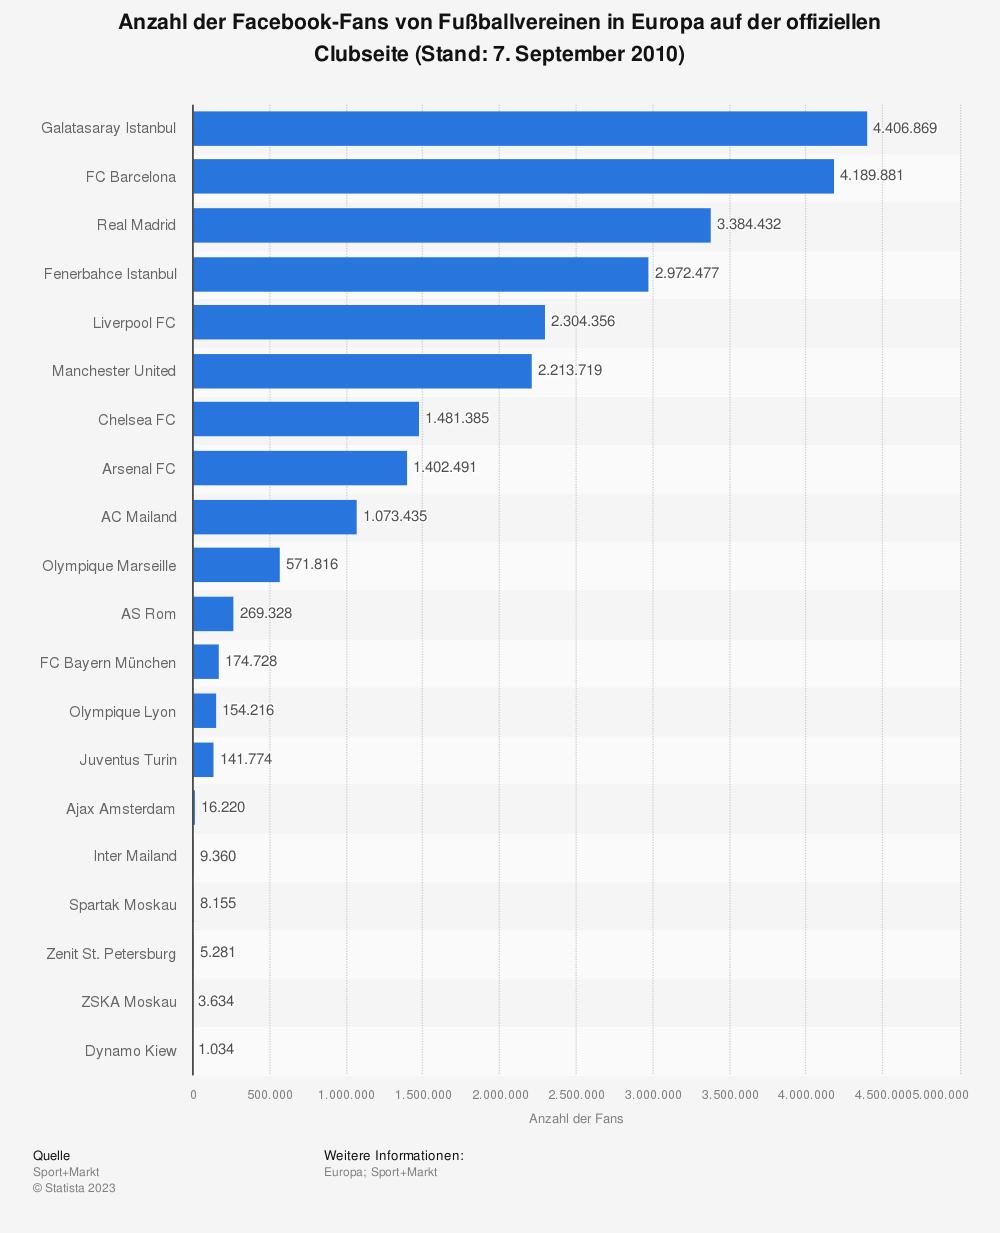 Statistik: Anzahl der Facebook-Fans von Fußballvereinen in Europa auf der offiziellen Clubseite (Stand: 7. September 2010) | Statista